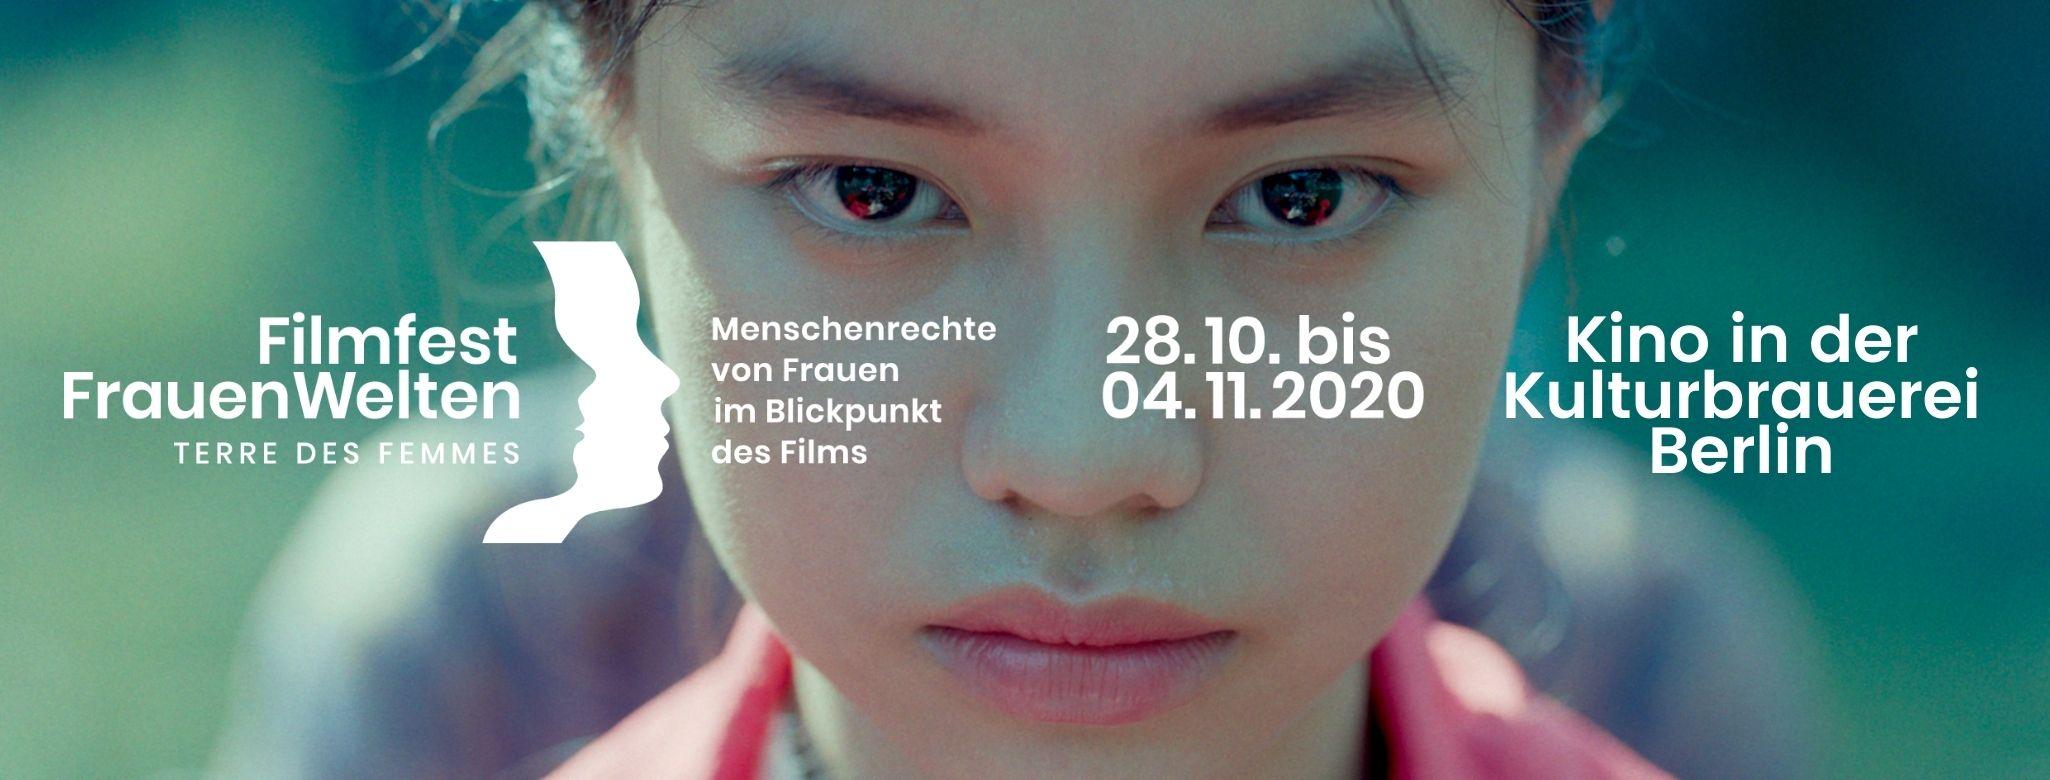 Filmfest FrauenWelten 2020